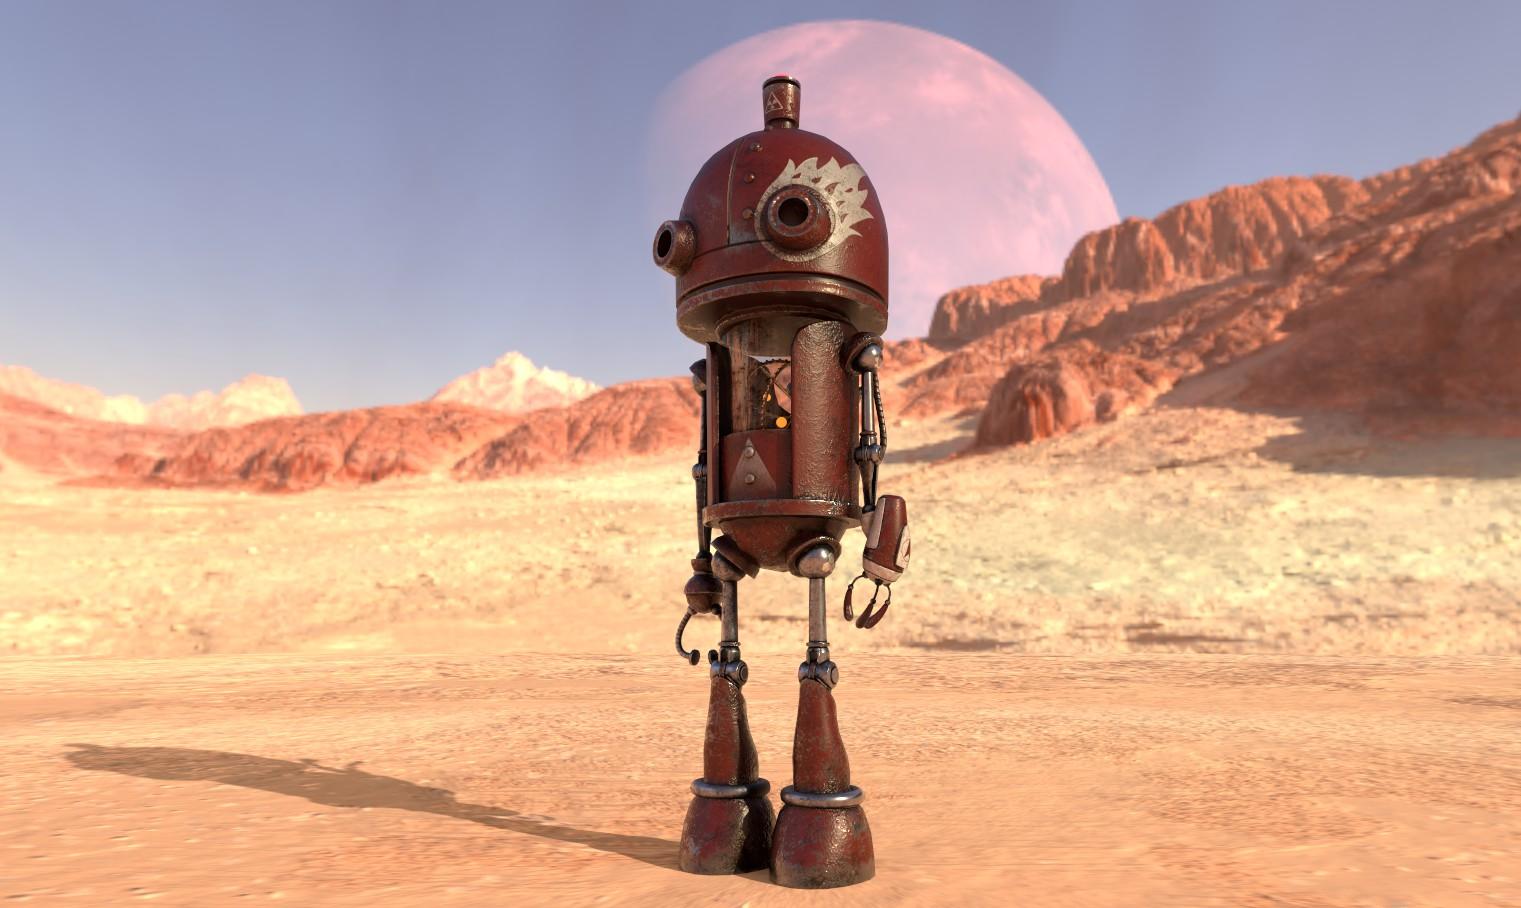 Robot by Luna